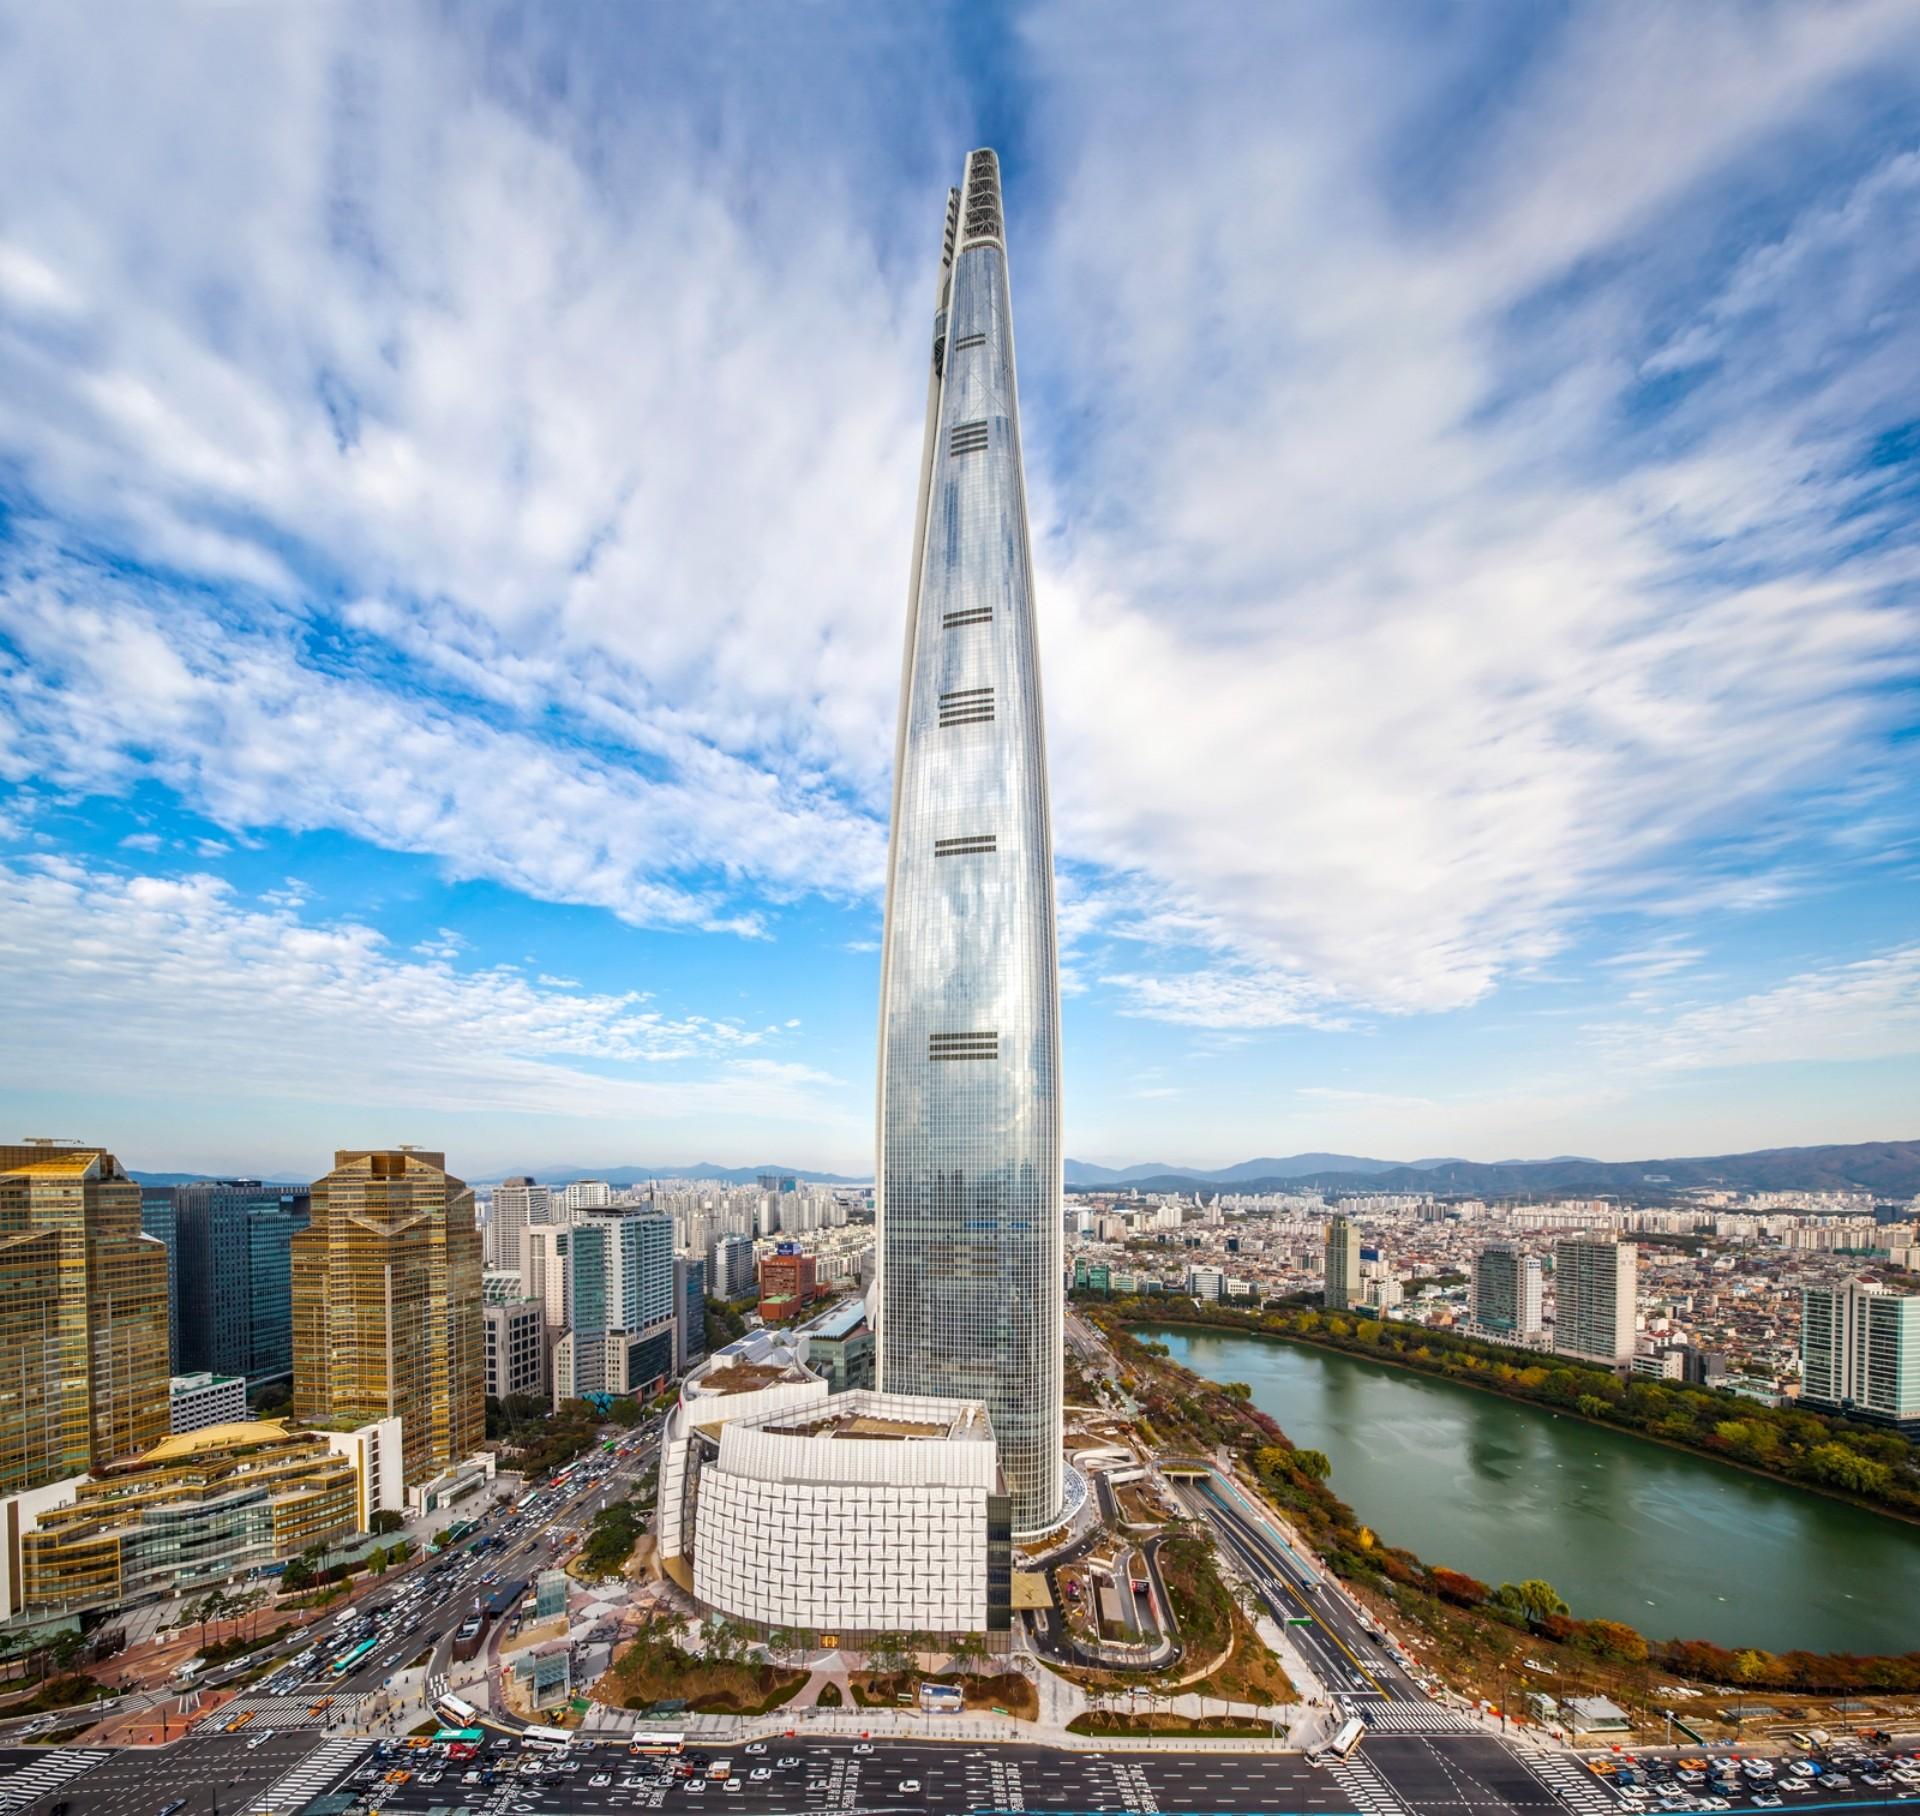 Lotte World Tower el quinto rascacielos más alto del mundo está en Seúl